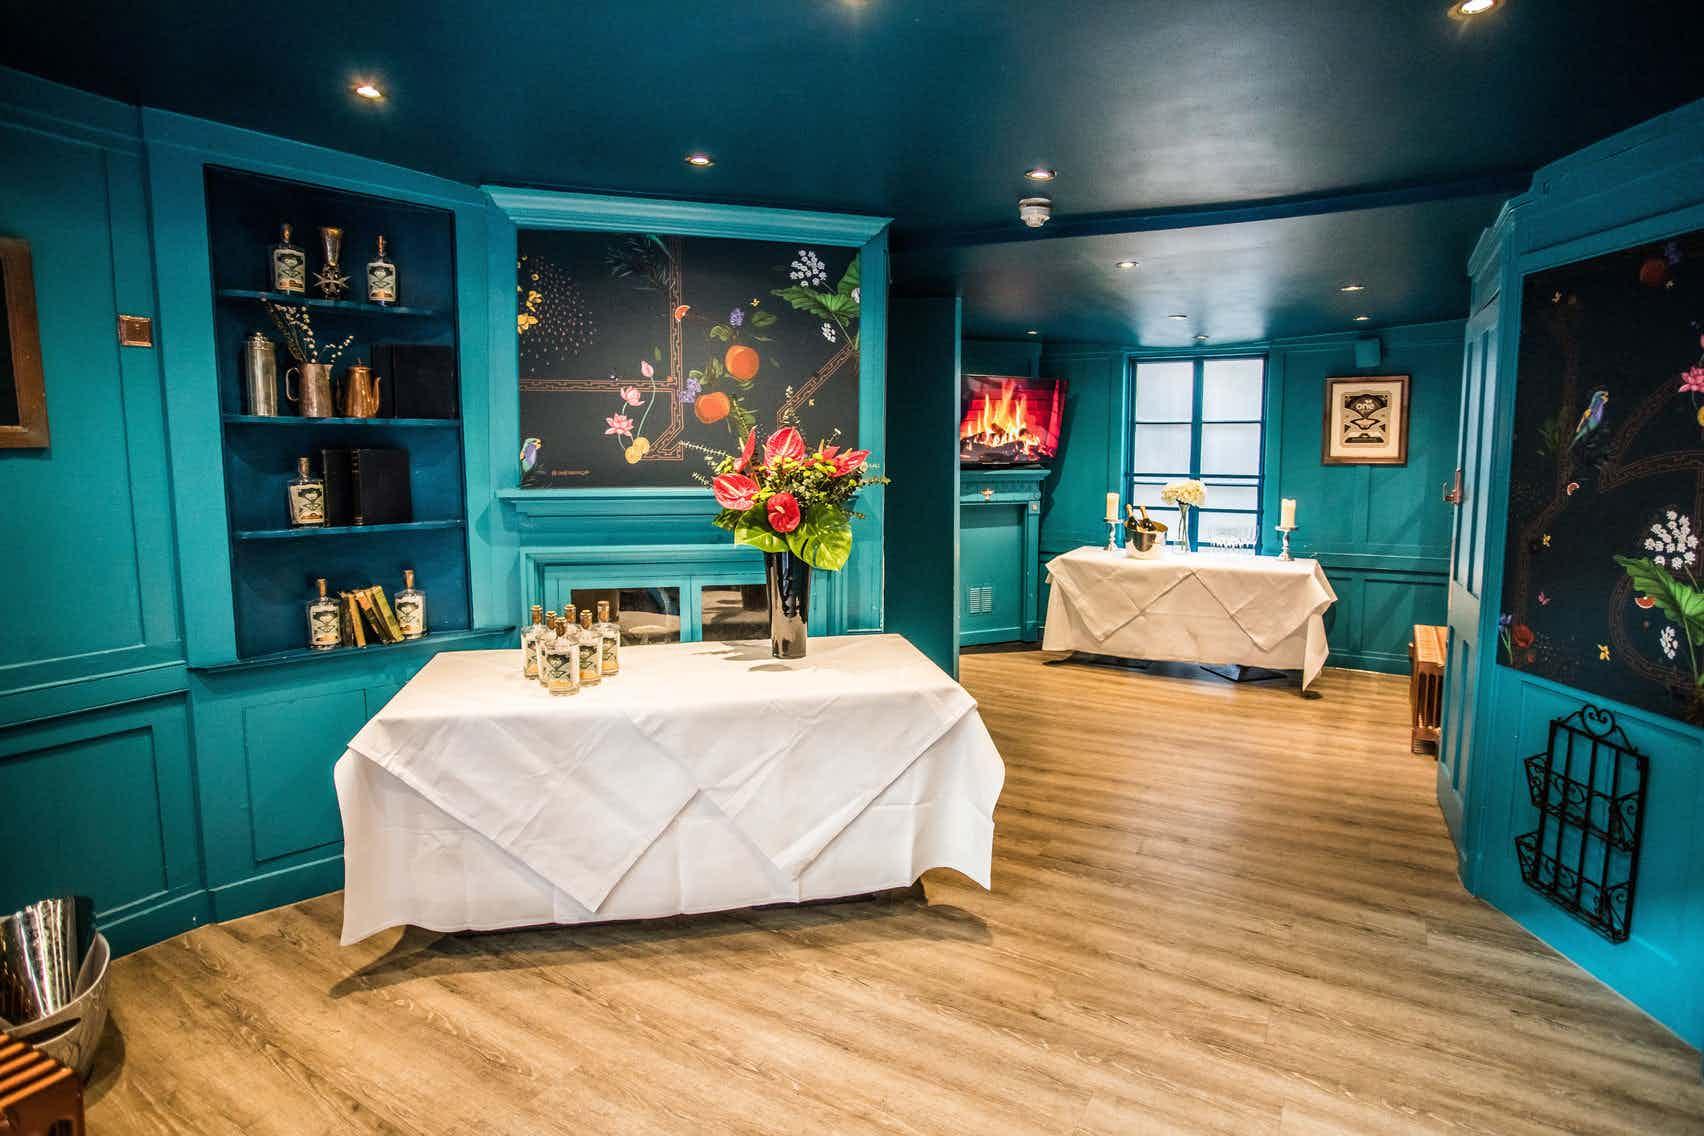 Art Gallery, Mews of Mayfair